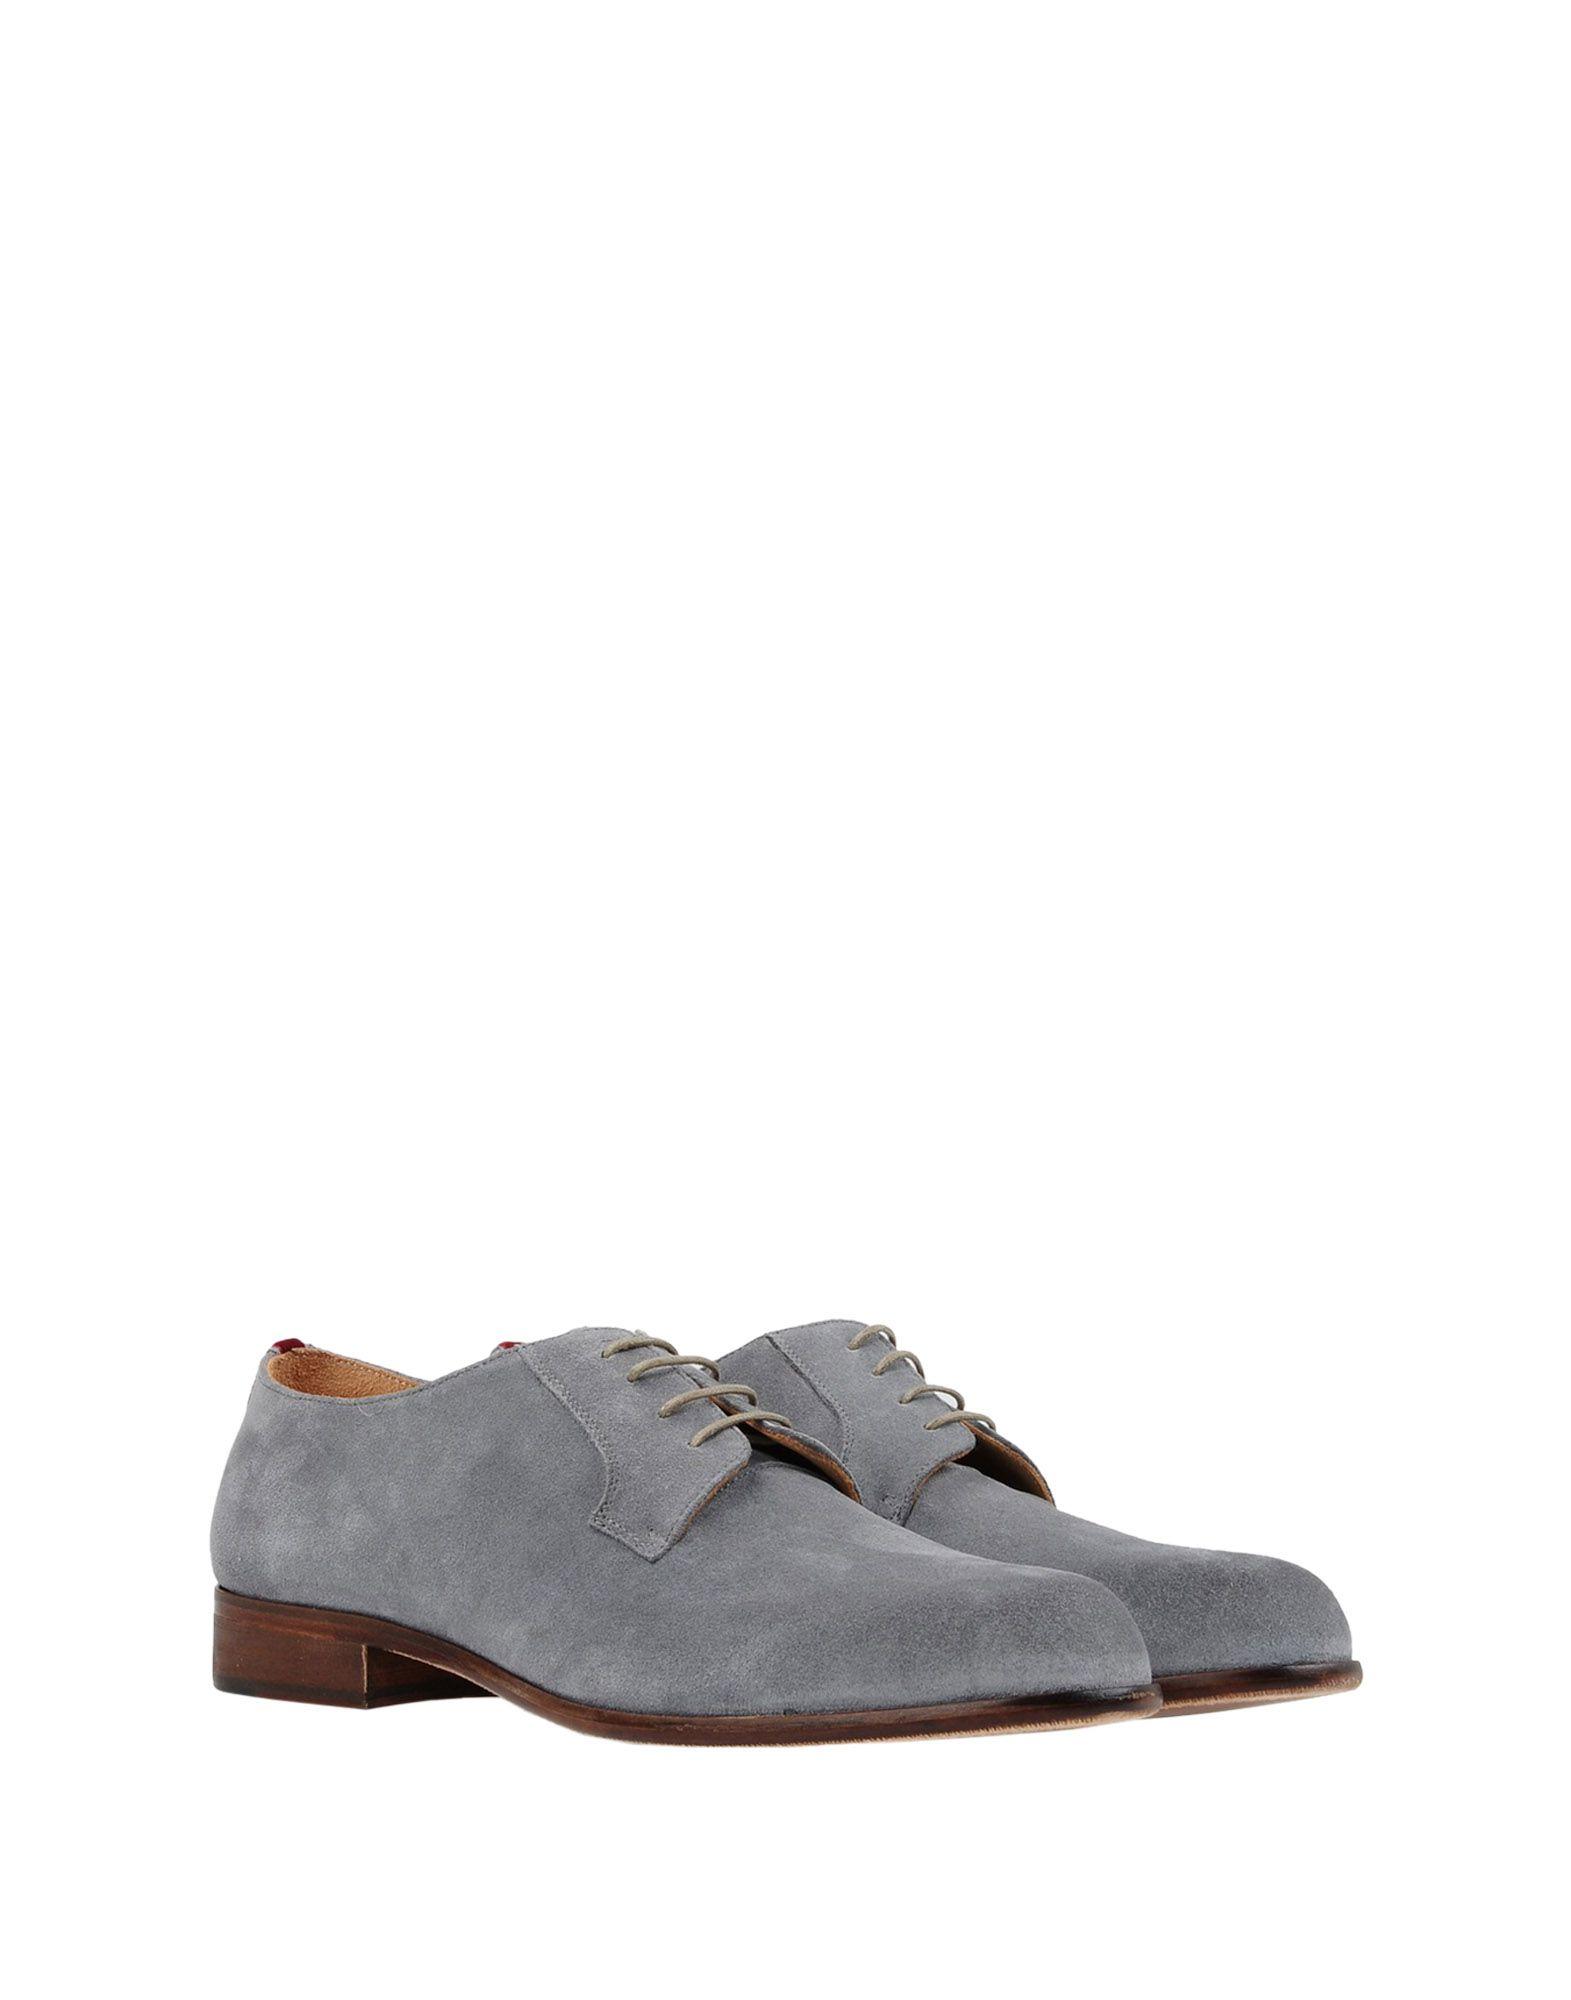 Attimonelli's Schnürschuhe Herren  11269867AK Gute Qualität beliebte Schuhe